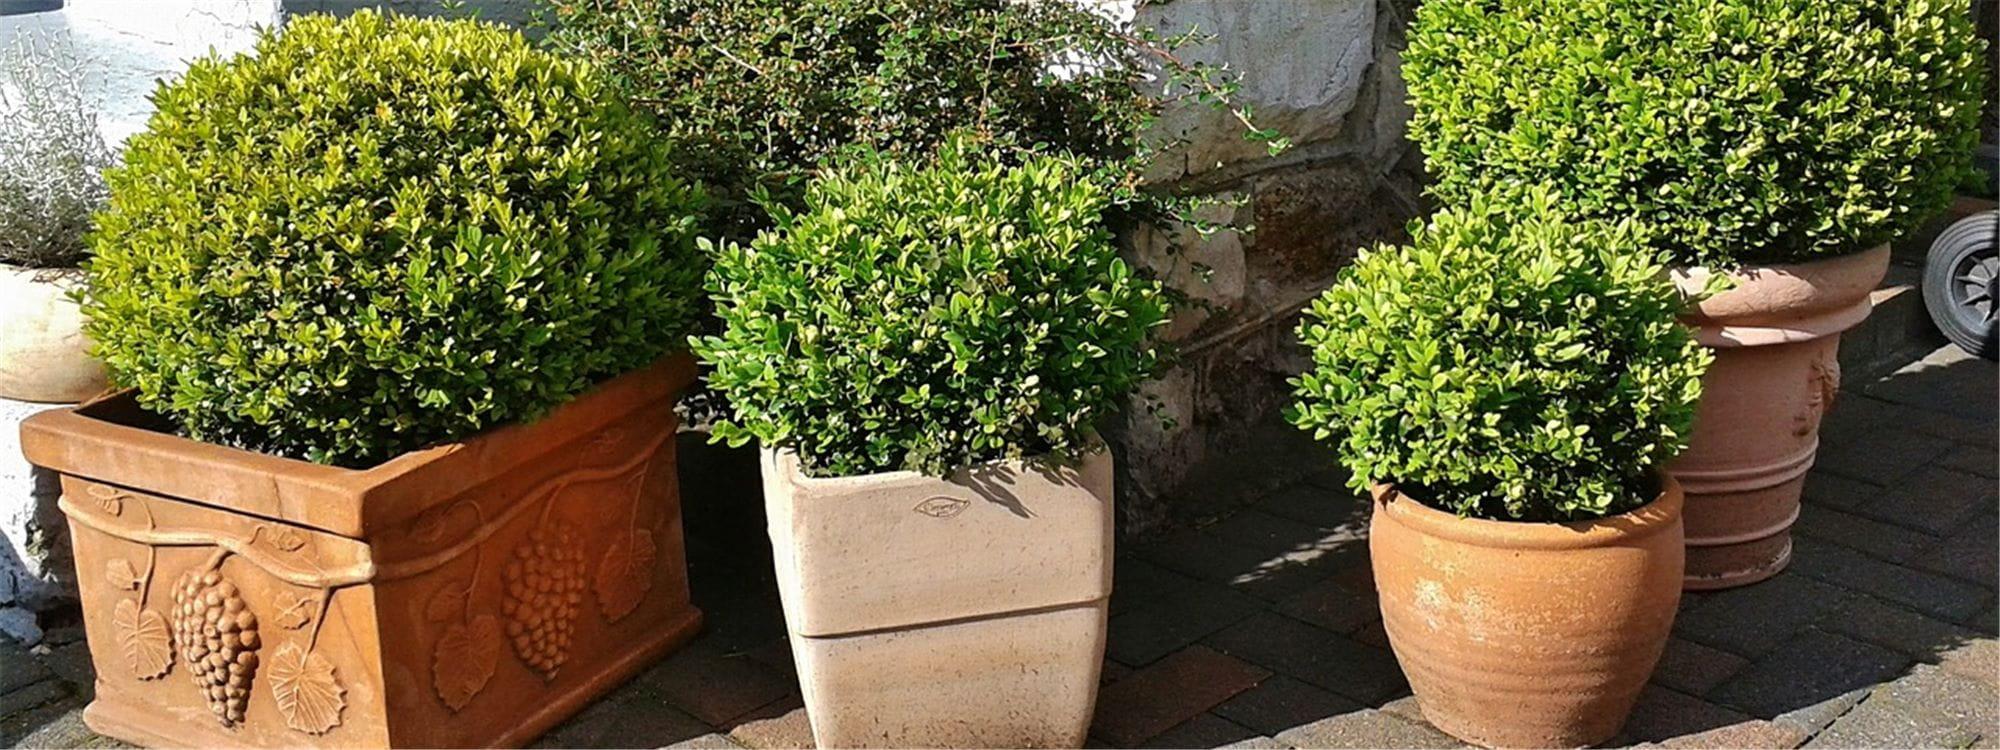 Planter Une Bordure De Buis la plante du mois d'avril : le buis - gardena